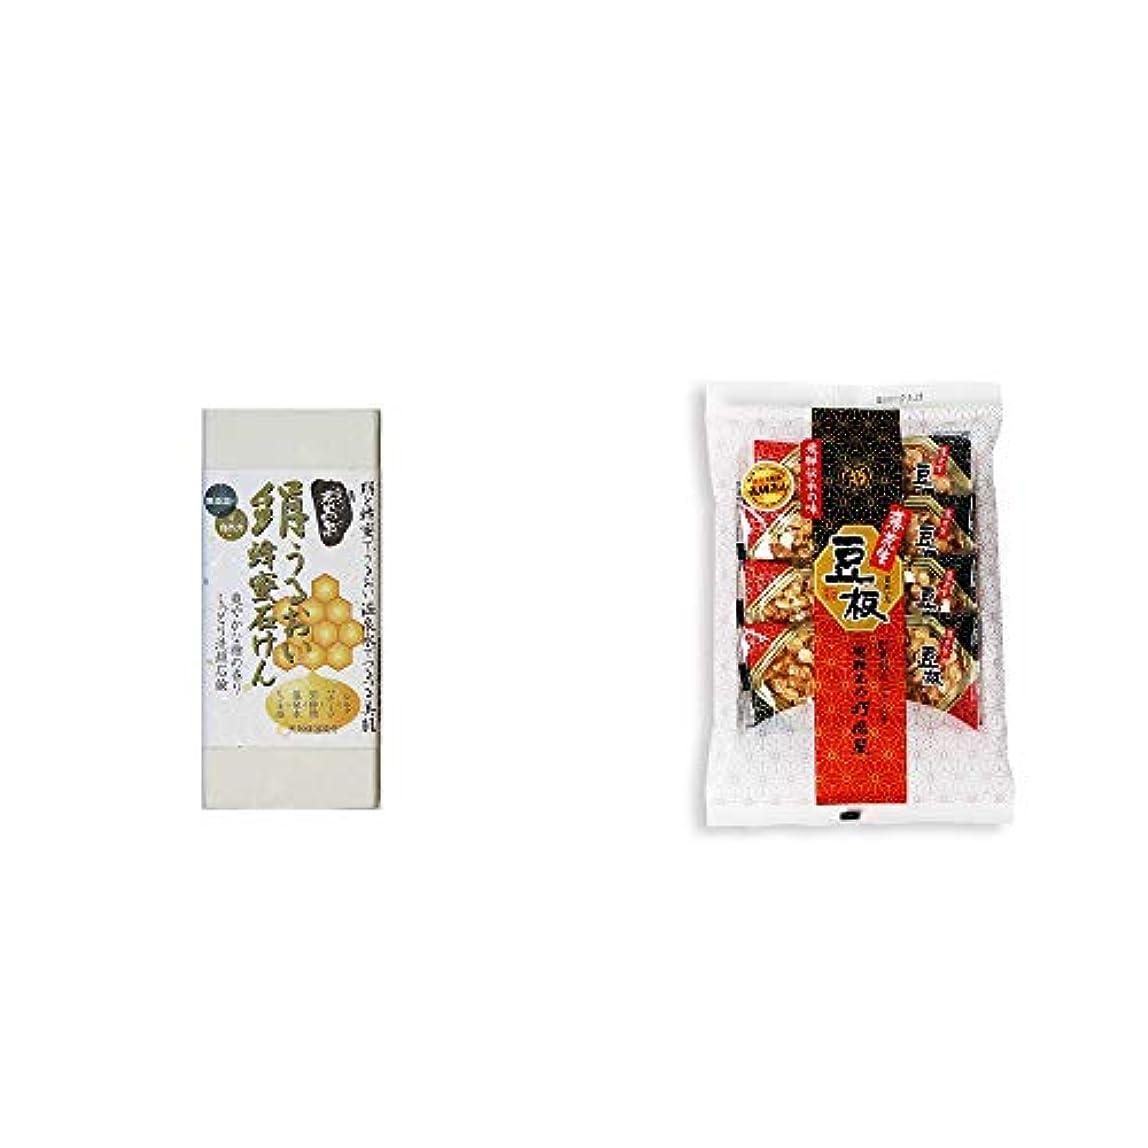 コカイン潮無関心[2点セット] ひのき炭黒泉 絹うるおい蜂蜜石けん(75g×2)?飛騨銘菓「打保屋」の駄菓子 豆板(8枚入)